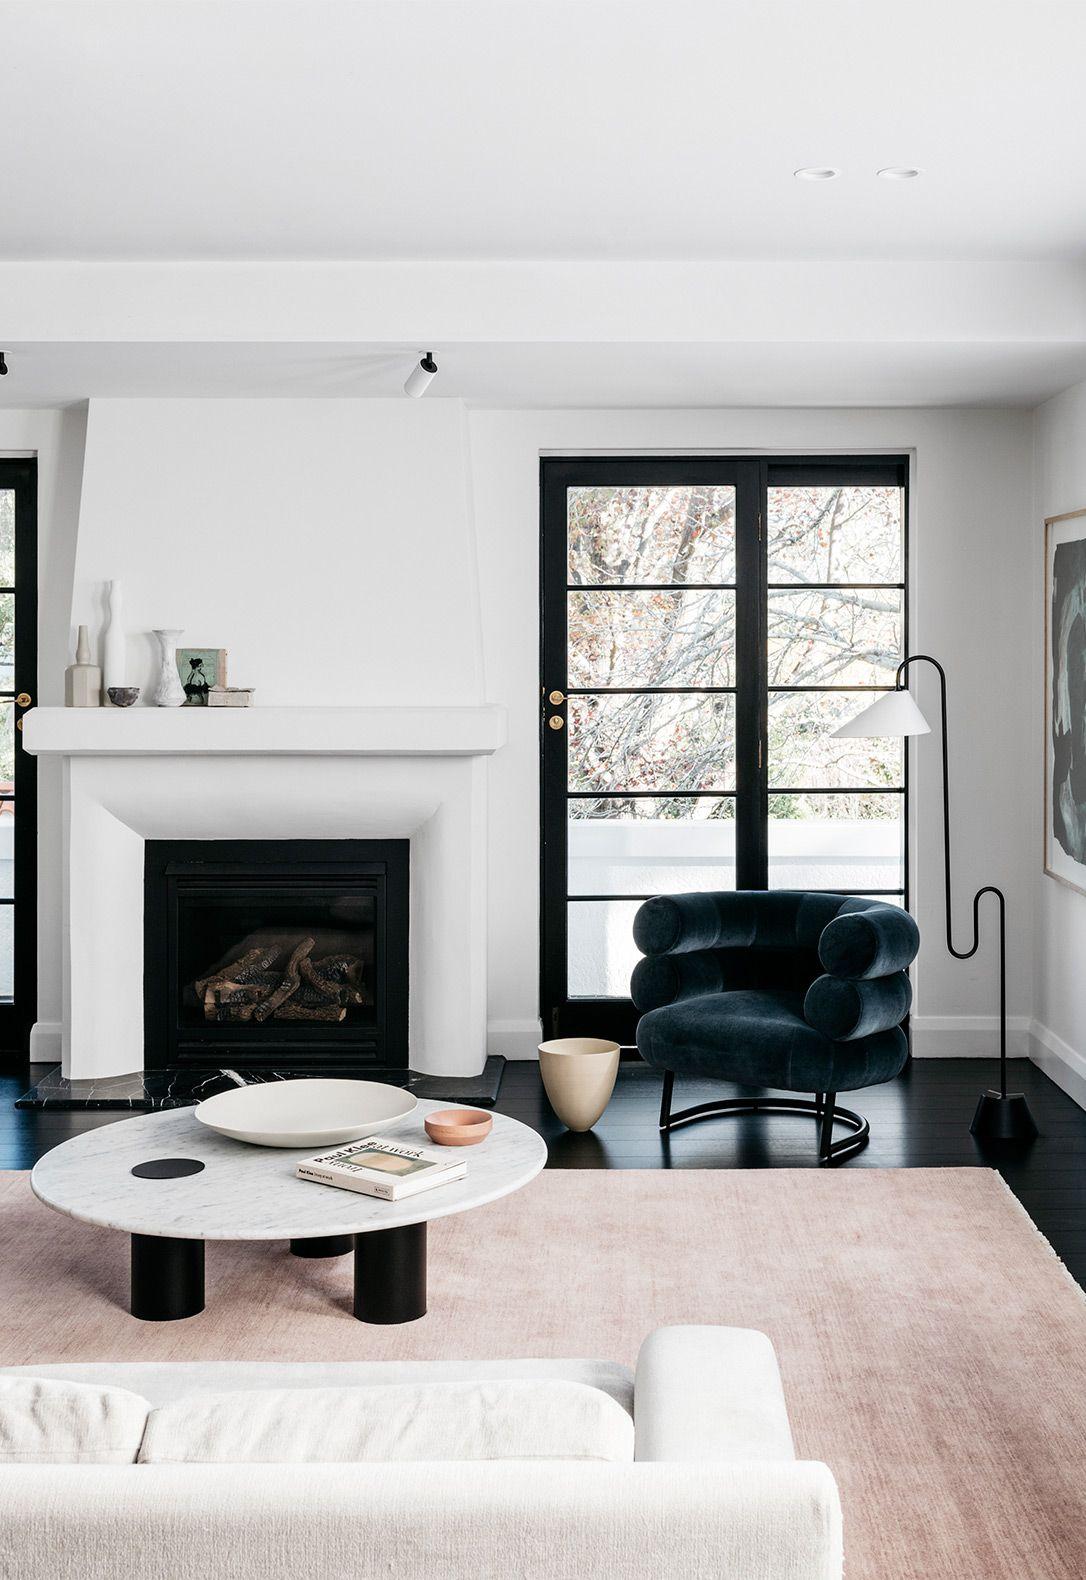 23 Stylish Minimalist Living Room Ideas - Modern Living ... on Minimalist Living Room Design  id=65435